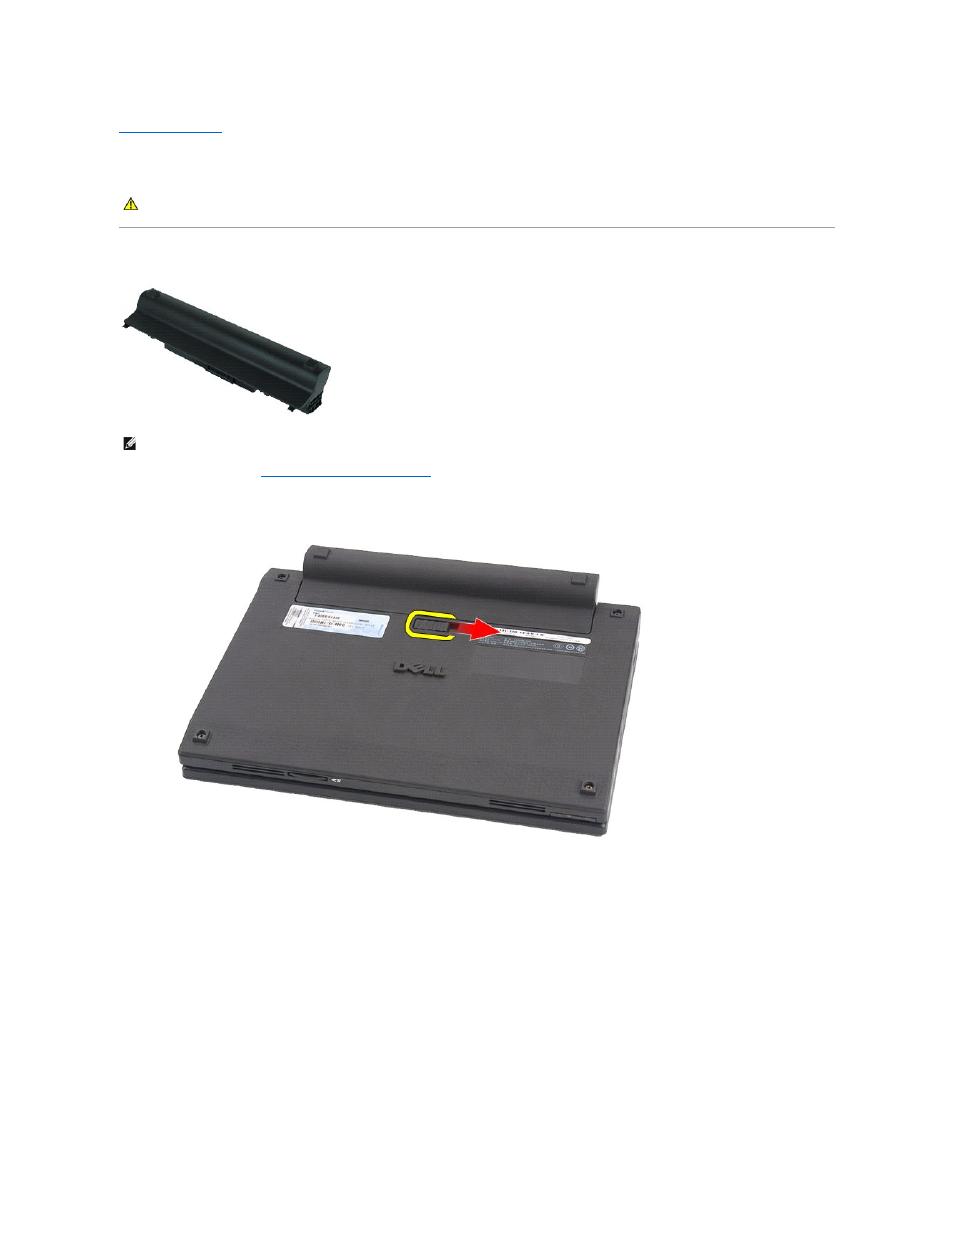 battery removing the battery dell latitude 2120 late 2010 user rh manualsdir com dell 2120 service manual Dell Latitude 2120 Manual